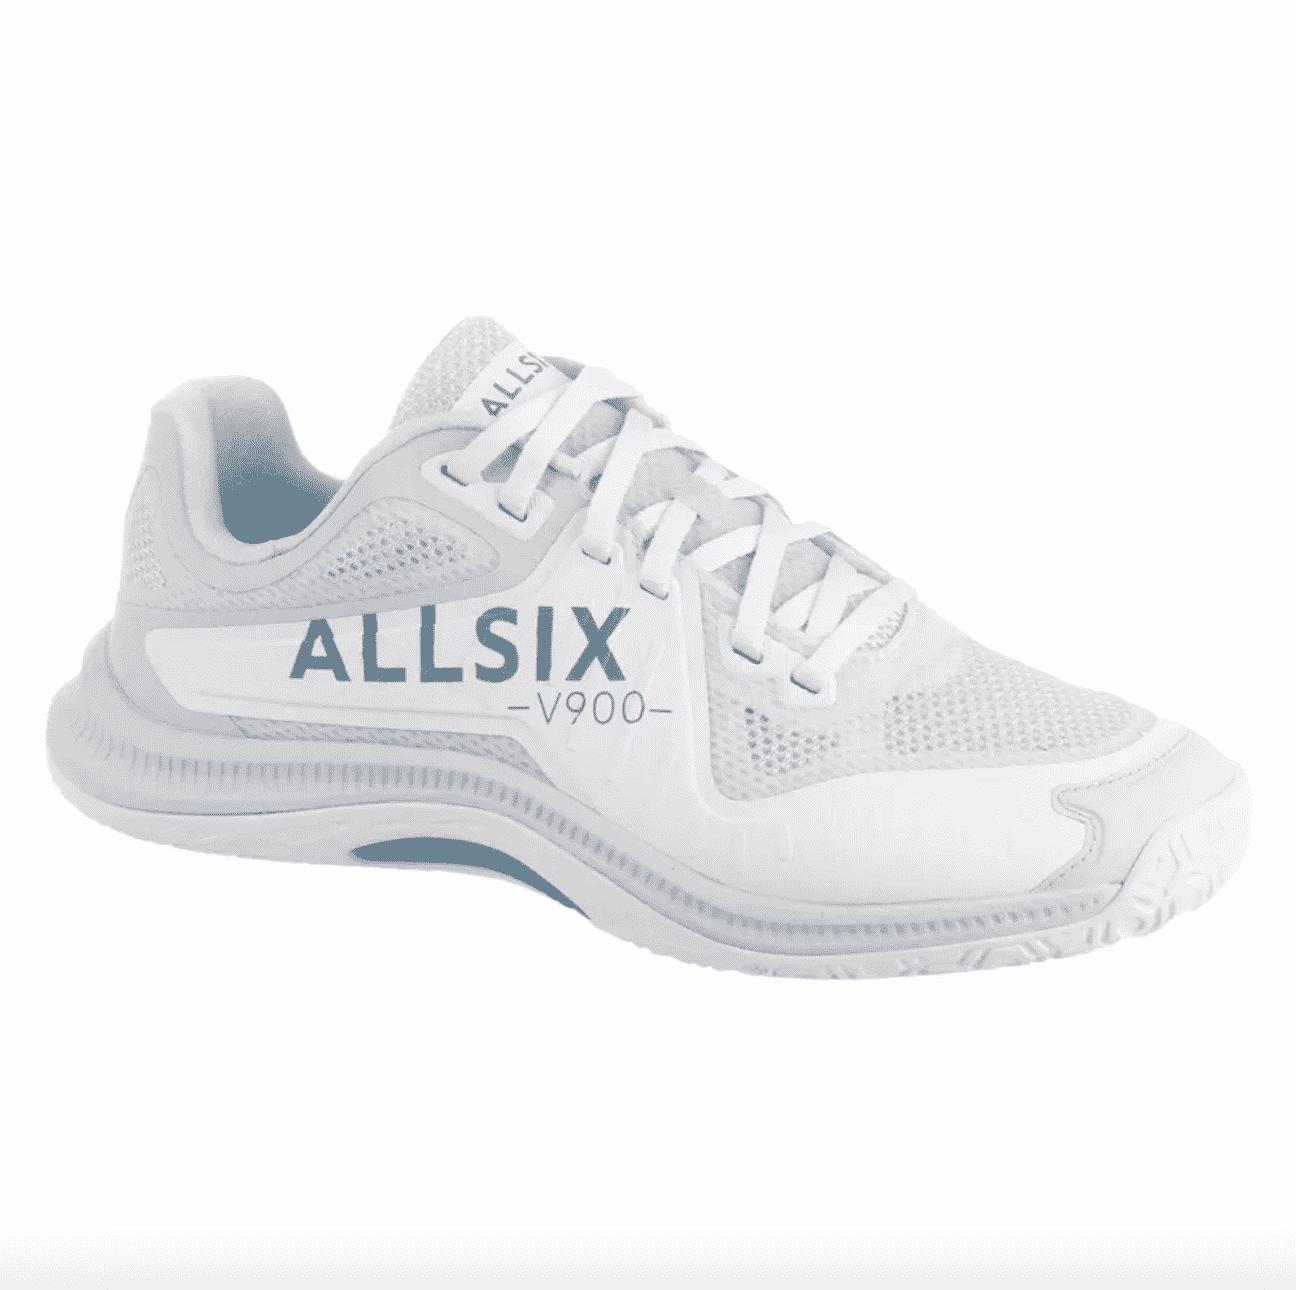 allsix-presente-ses-nouvelles-chaussures-de-volley-vs900-13